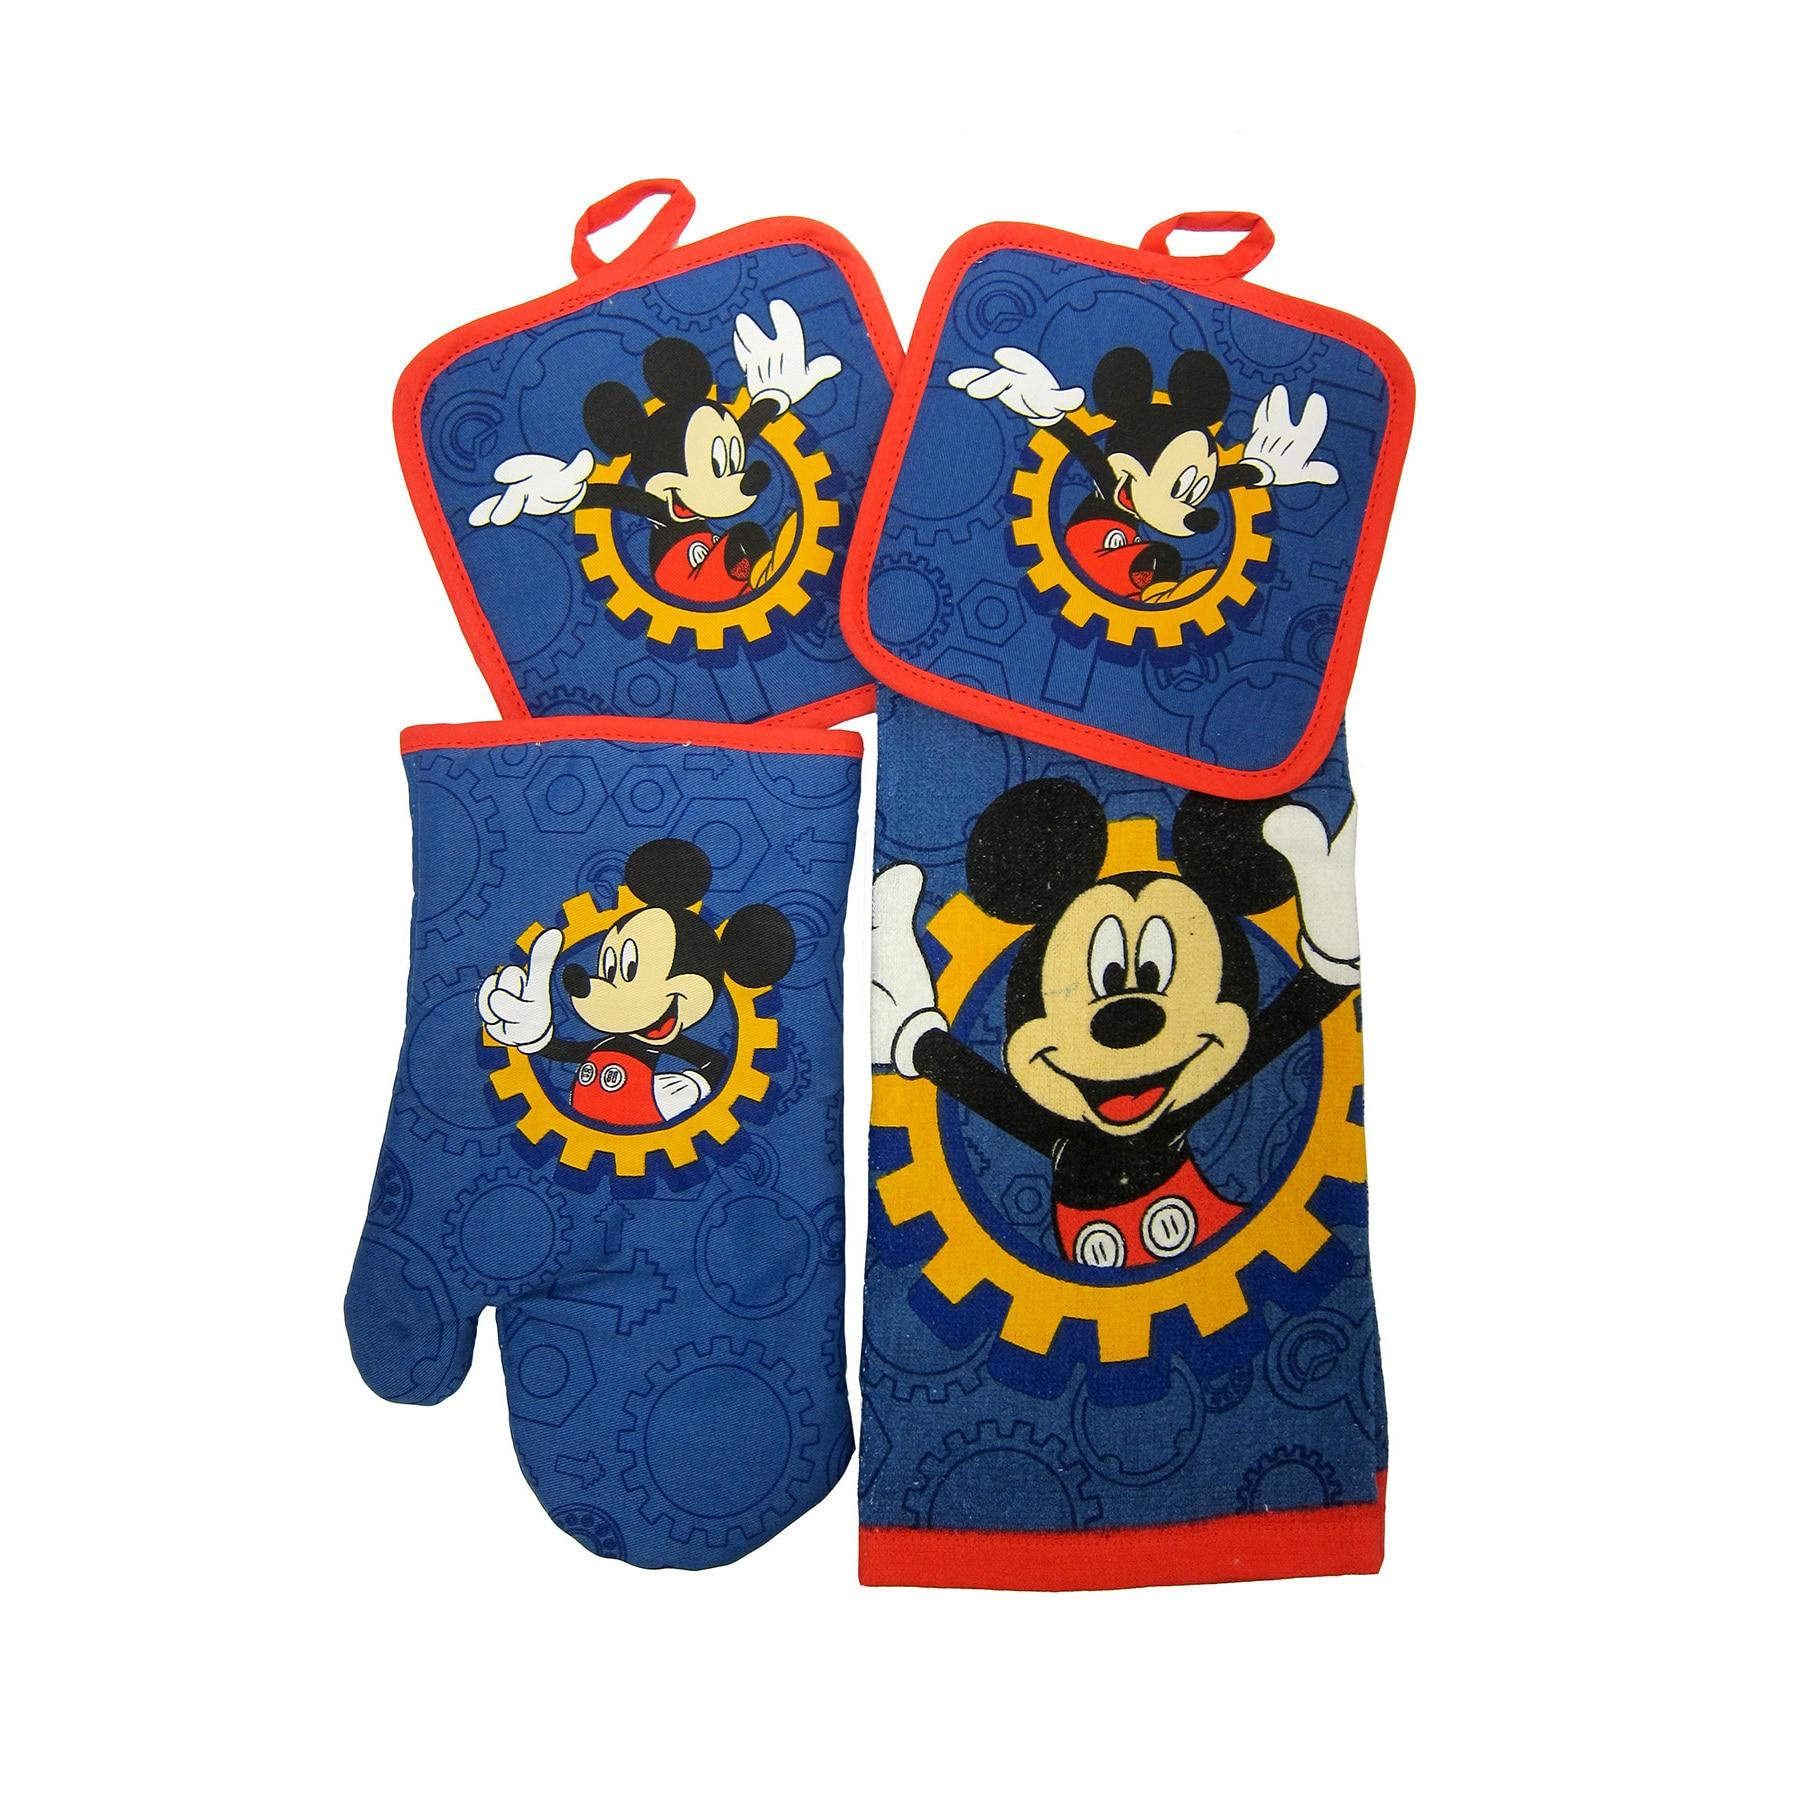 Disney Junior Mickey Mouse Clubhouse 4pc Kitchen Set - Ki...